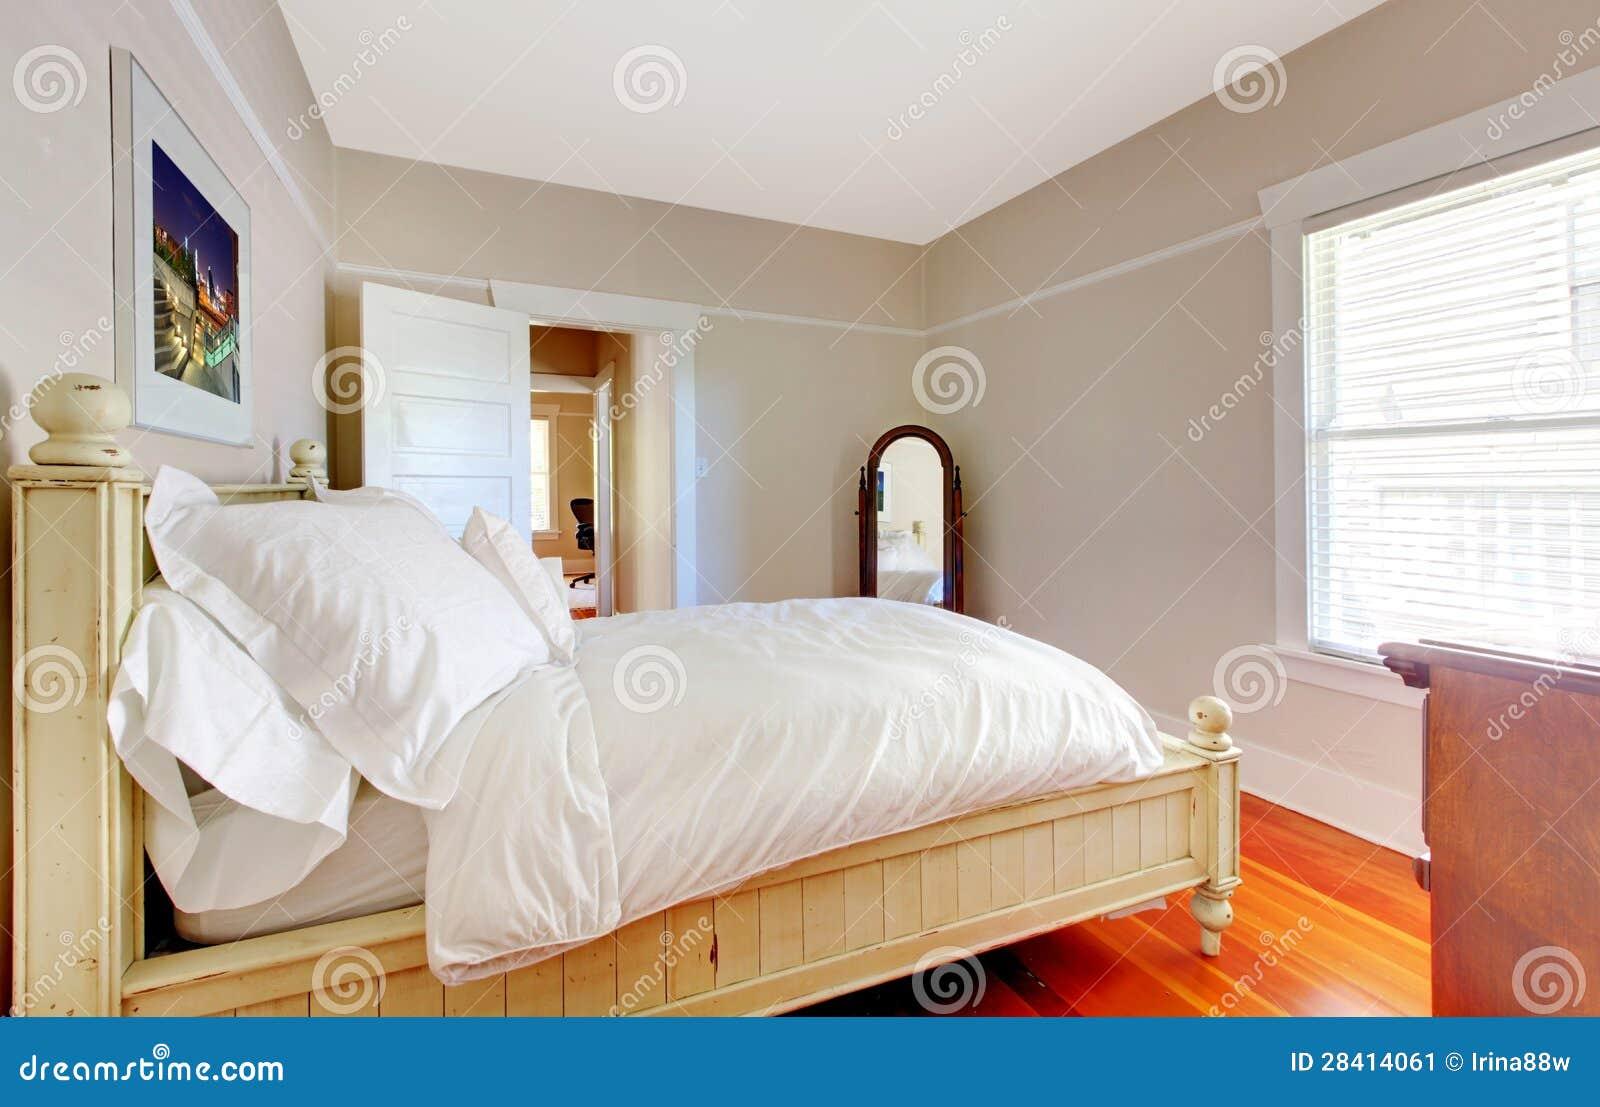 Chambre à coucher lumineuse avec le bâti blanc et les murs beiges ...